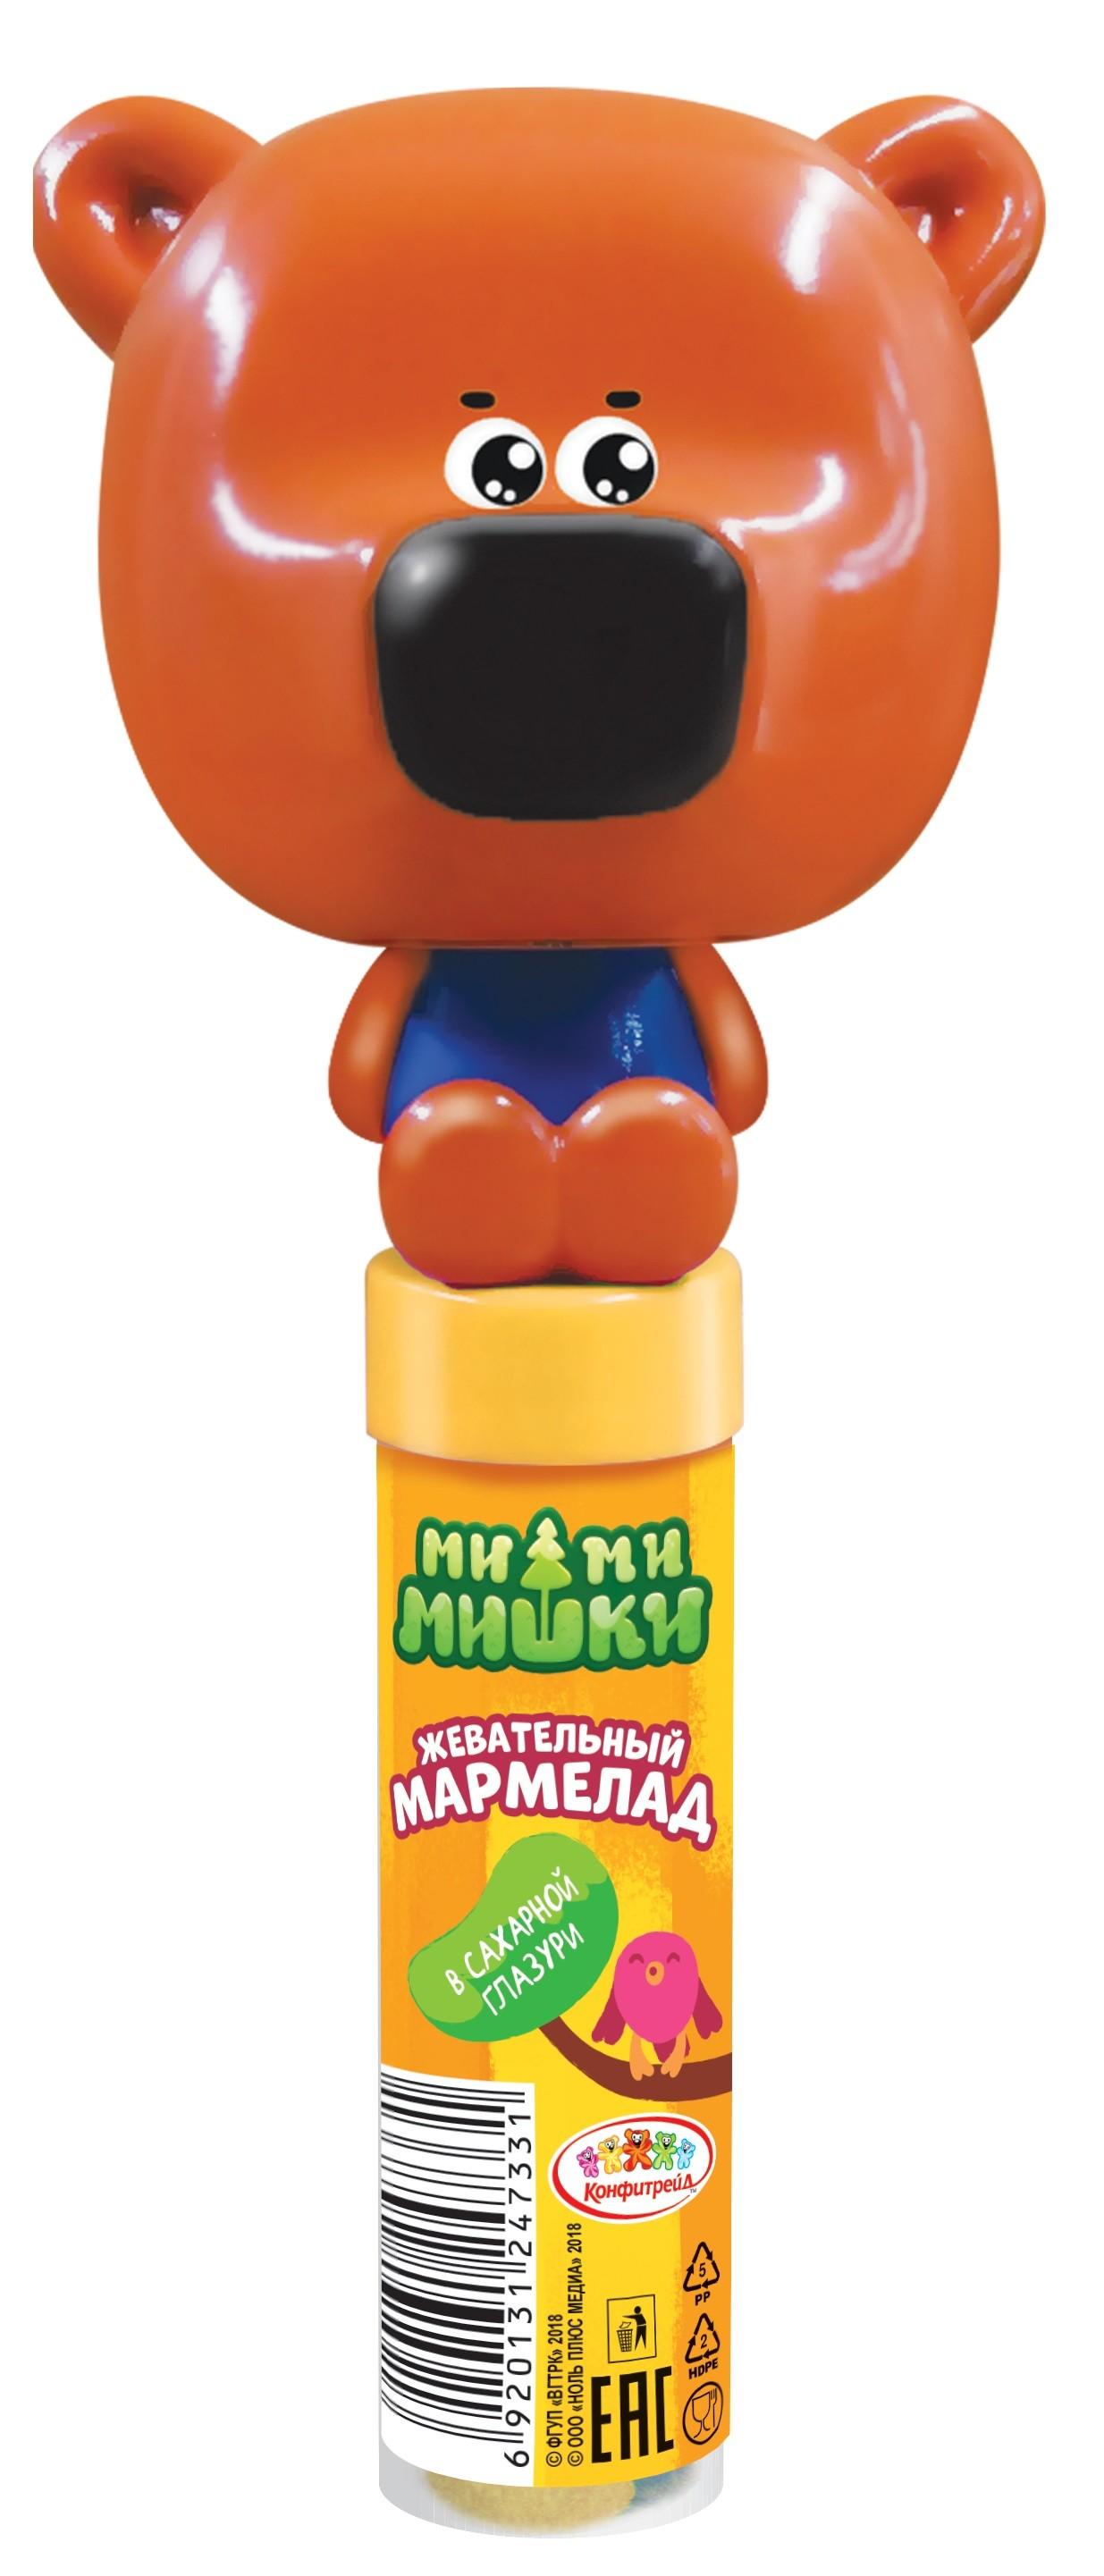 Мармелад Конфитрейд Туба, 20 десерты конфитрейд ми ми мишки в сахарной глазури с игрушкой 20 г